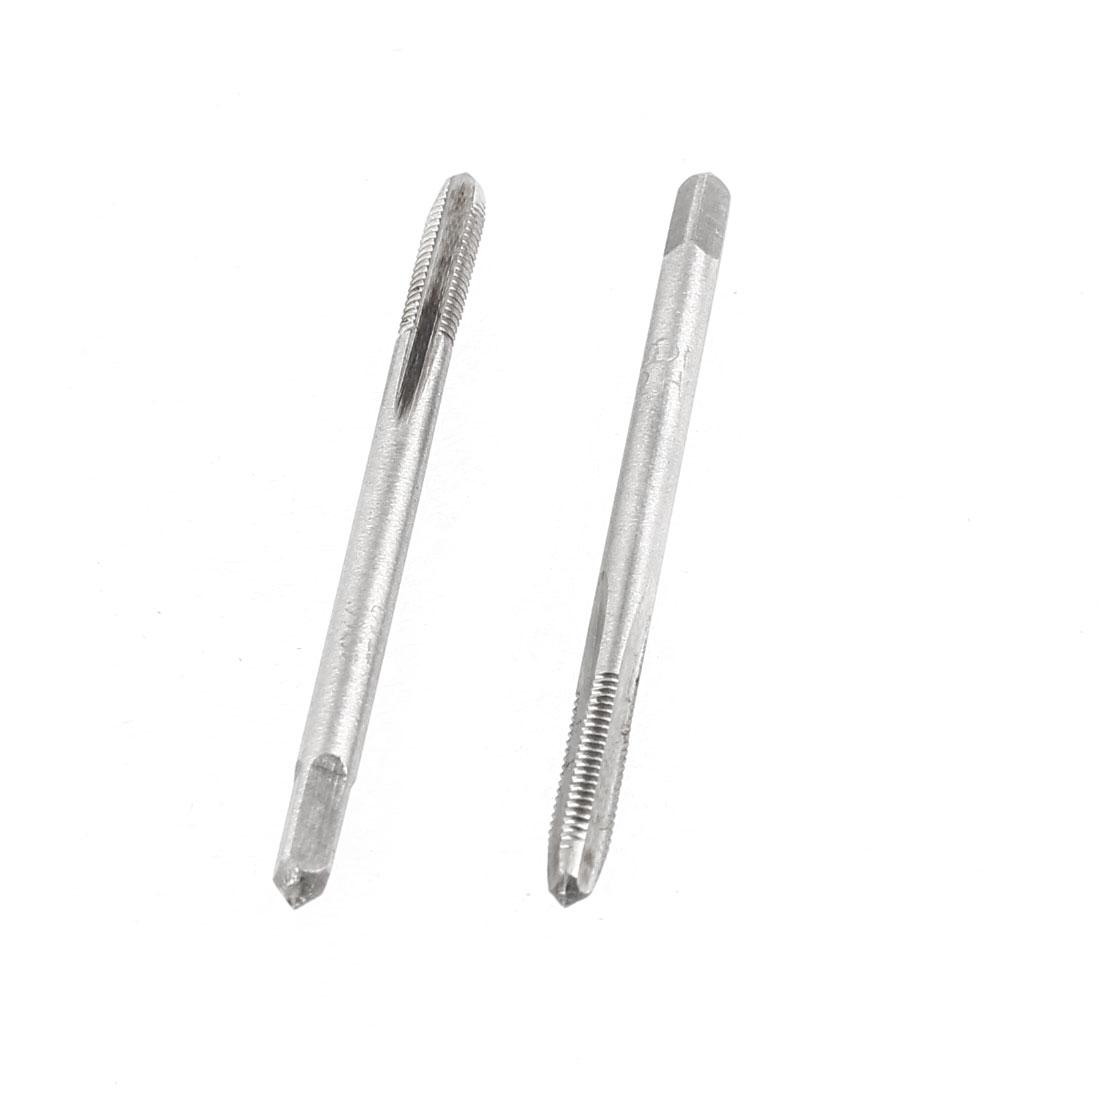 2 Pcs M3x14mm HSS 3 Flutes Machine Screw Thread Straight Metric Plug Taps